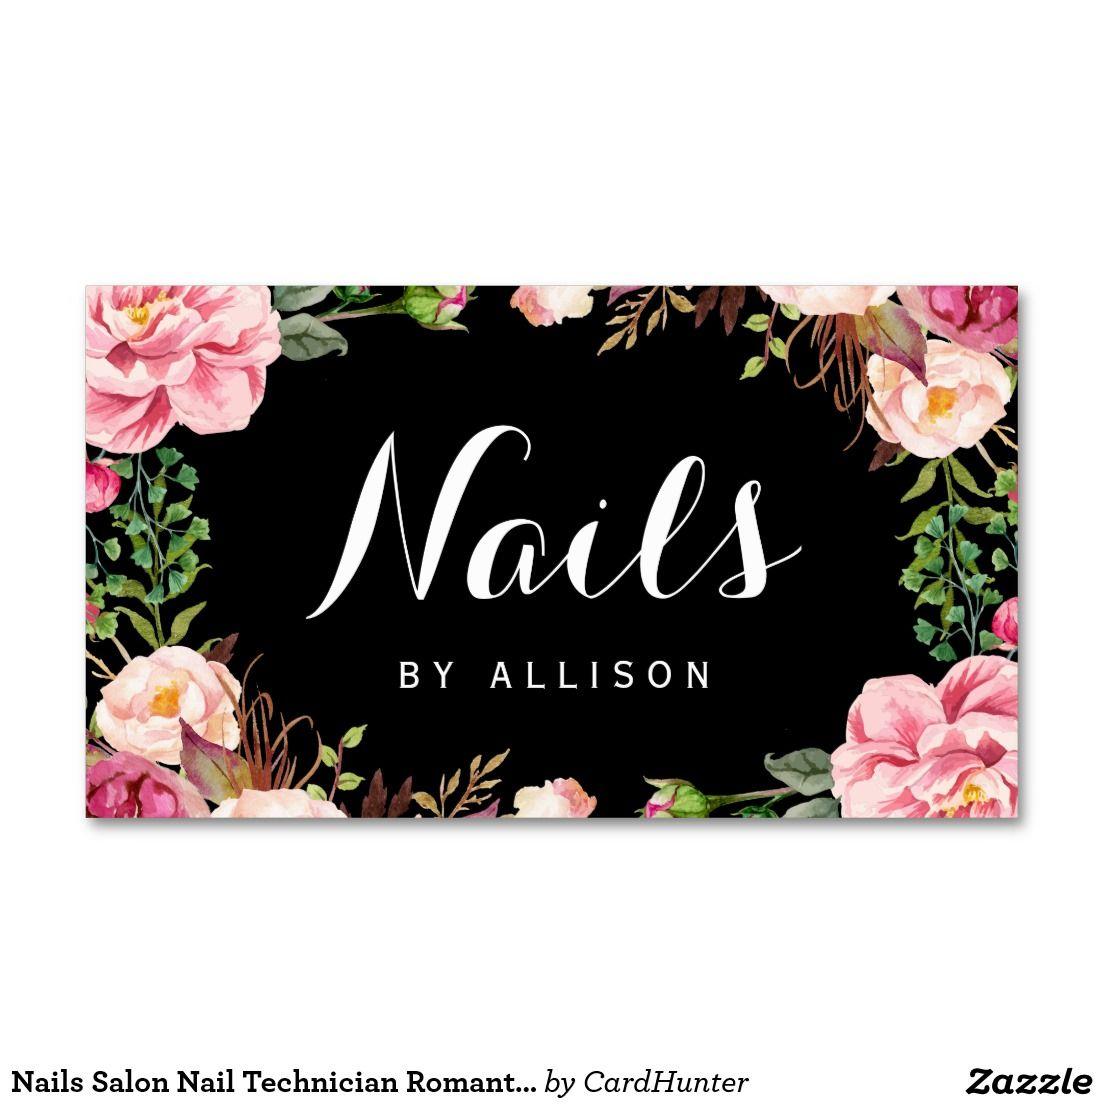 Nails Salon Nail Technician Romantic Floral Wrap Business Card ...